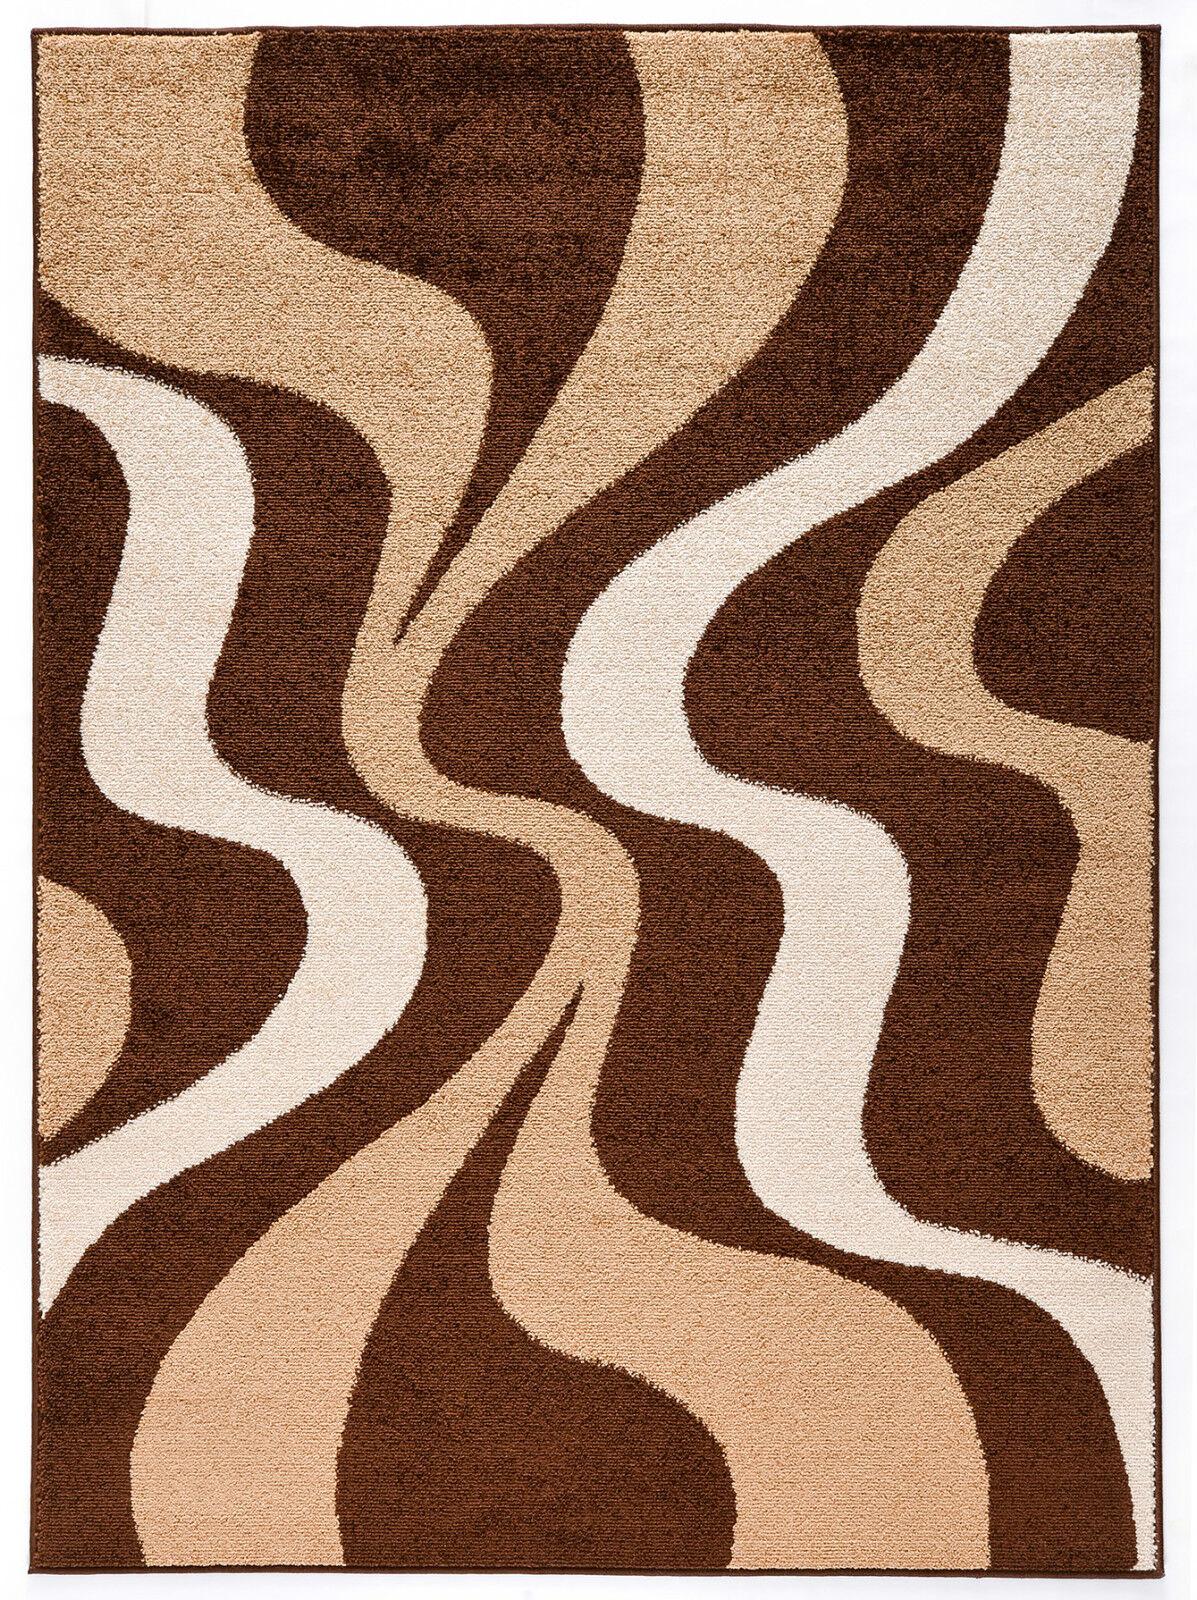 Billiger Moderner Brauner Teppich 80x150 120x170 140x190 160x230 160x230 160x230 200x290   1   Für Ihre Wahl  639171